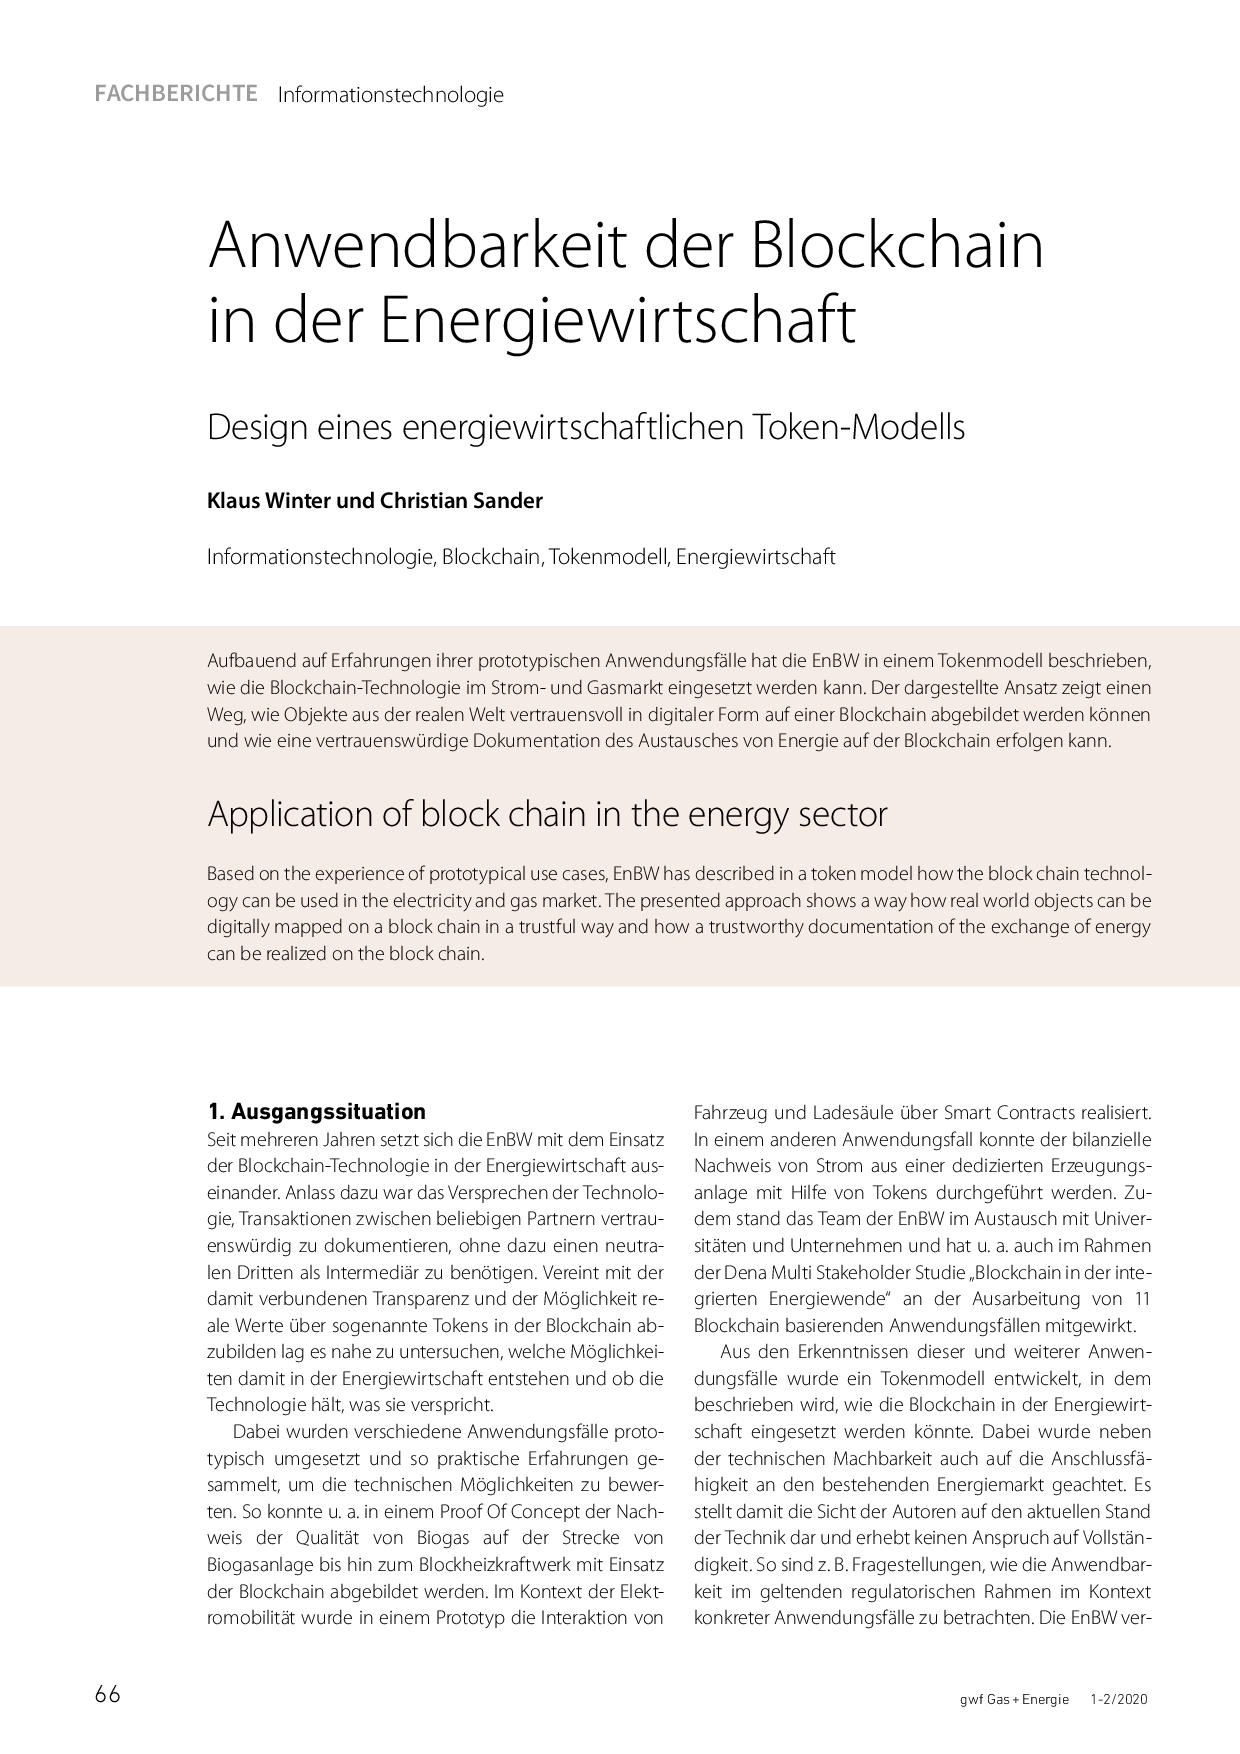 Anwendbarkeit der Blockchain in der Energiewirtschaft